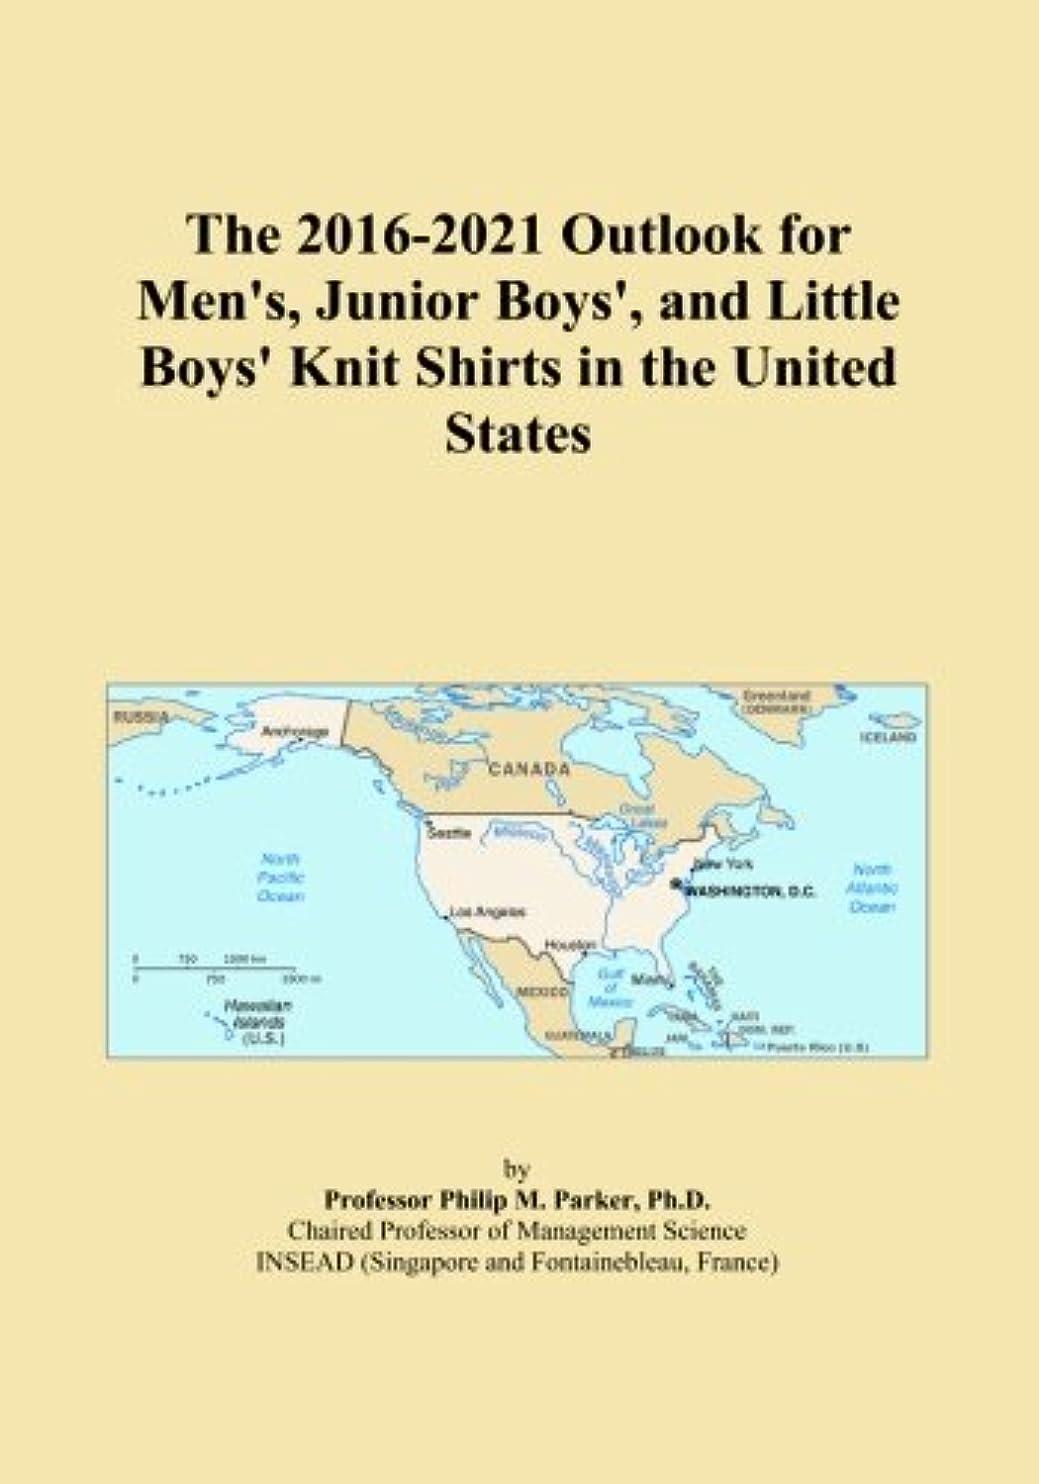 団結する階層近々The 2016-2021 Outlook for Men's, Junior Boys', and Little Boys' Knit Shirts in the United States